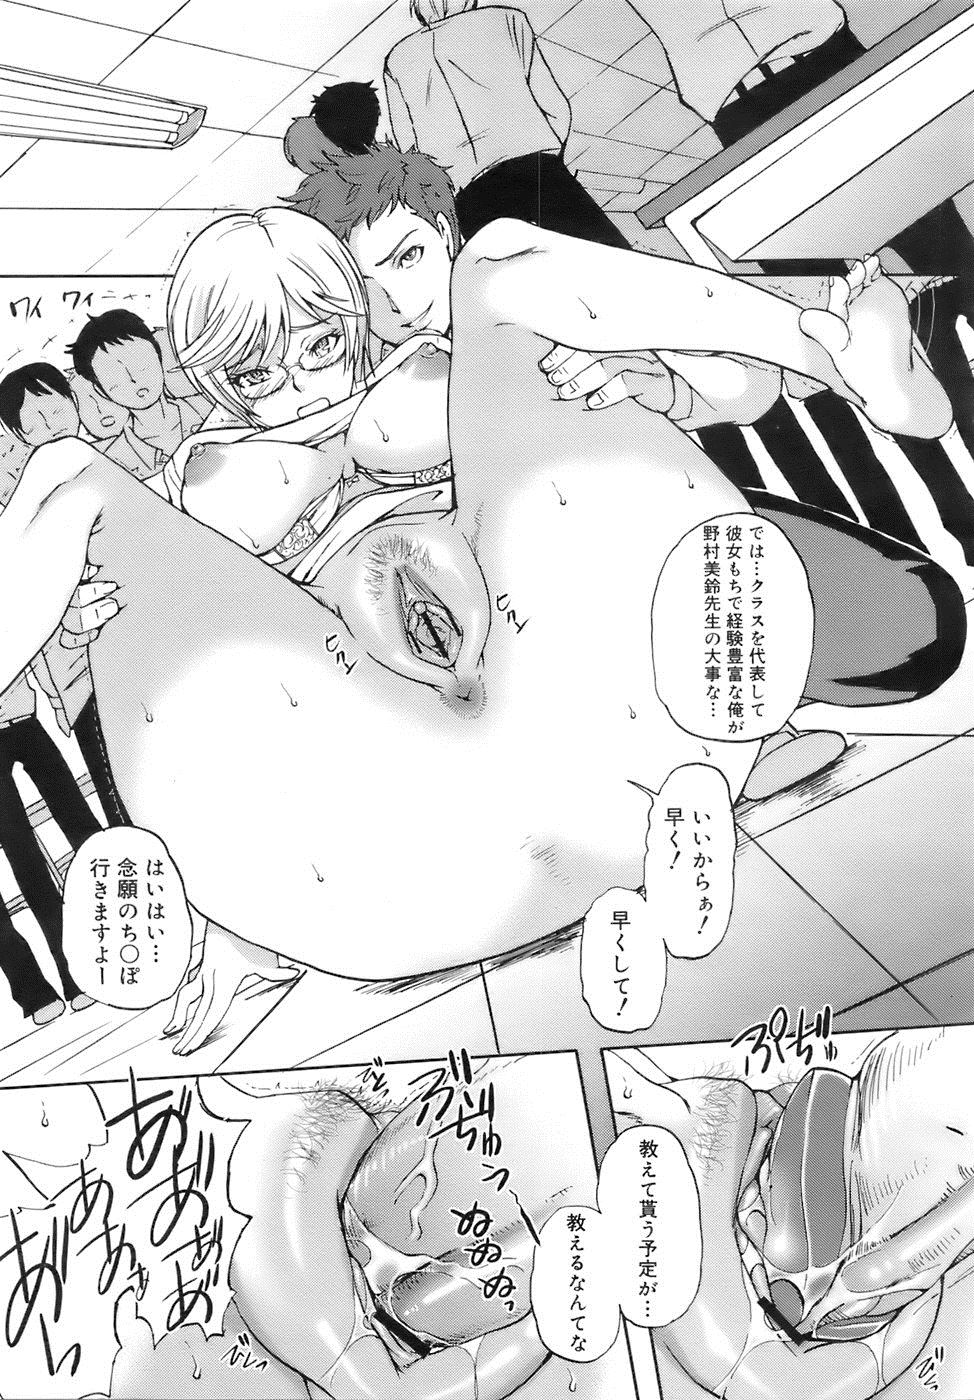 女教師(30歳・処女)が生徒30人にレイプされて女咲かせましたwww【エロ漫画】